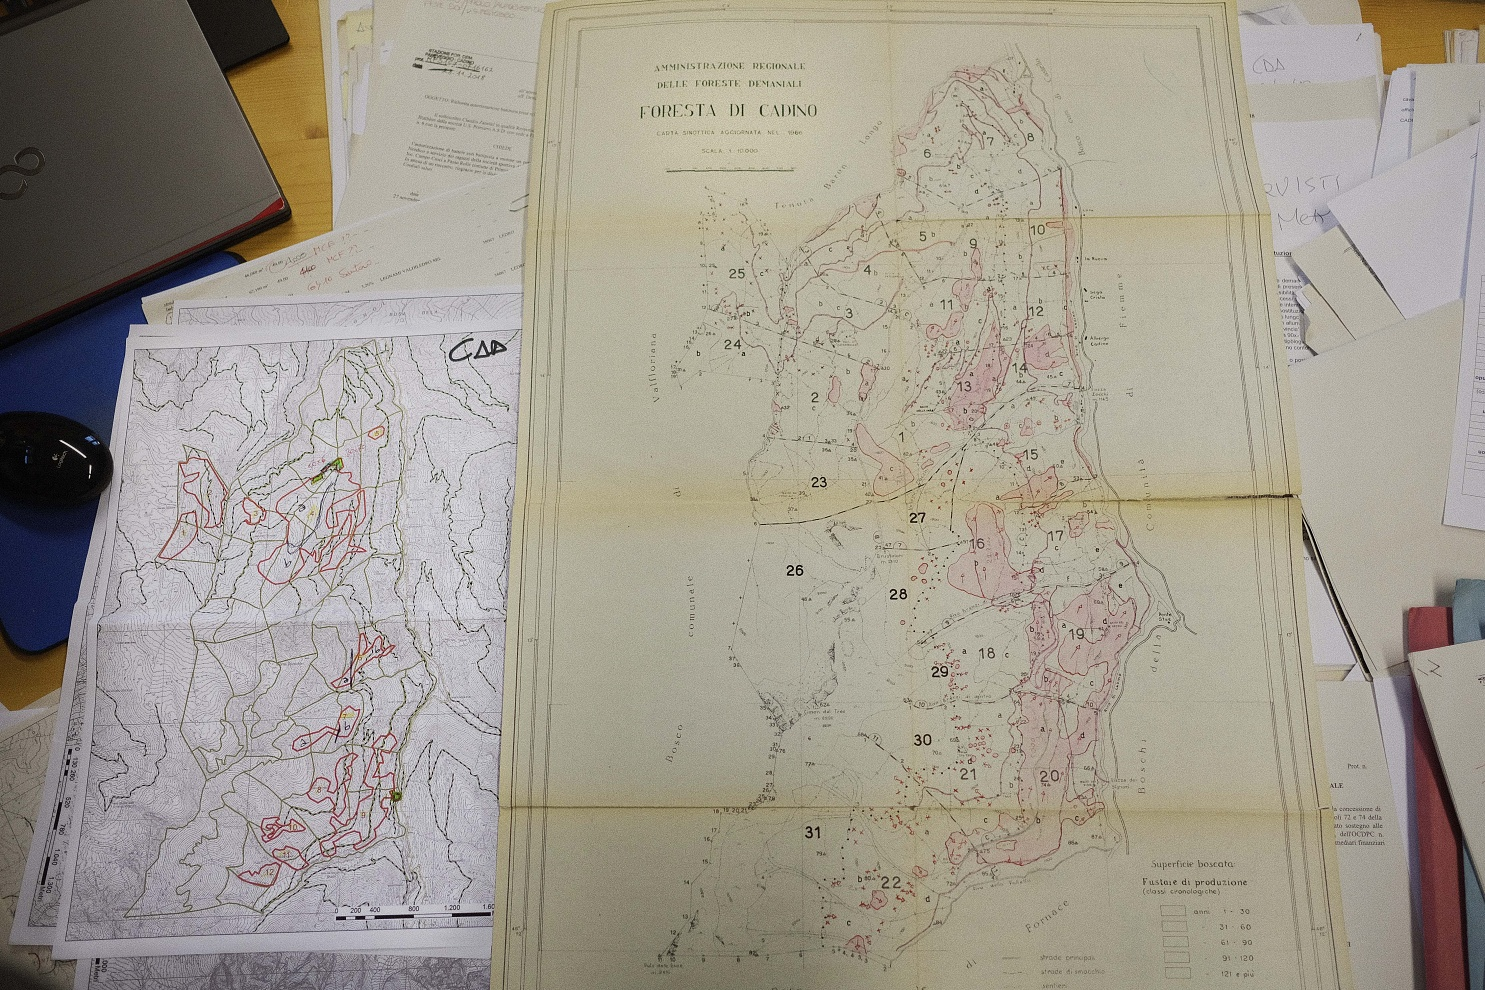 Confronto delle aree cadute nella foresta di Cadino (TN) tra la tempesta del 29 ottobre 2018 e quella del 1966. - La tempesta del 29 ottobre 2018 è stata paragonata all'alluvione del 1966. Da una cartina dell'epoca si evince che alcune aree sono effettivamente sovrapponibili. Guardando la cartina, si vede come la parte sud-est della foresta di Cadino (TN) fosse stata abbattuta in maniera del tutto identica al 1966, ma nel 2018 vi sono anche aree nord e nord-ovest che sono andate a terra.